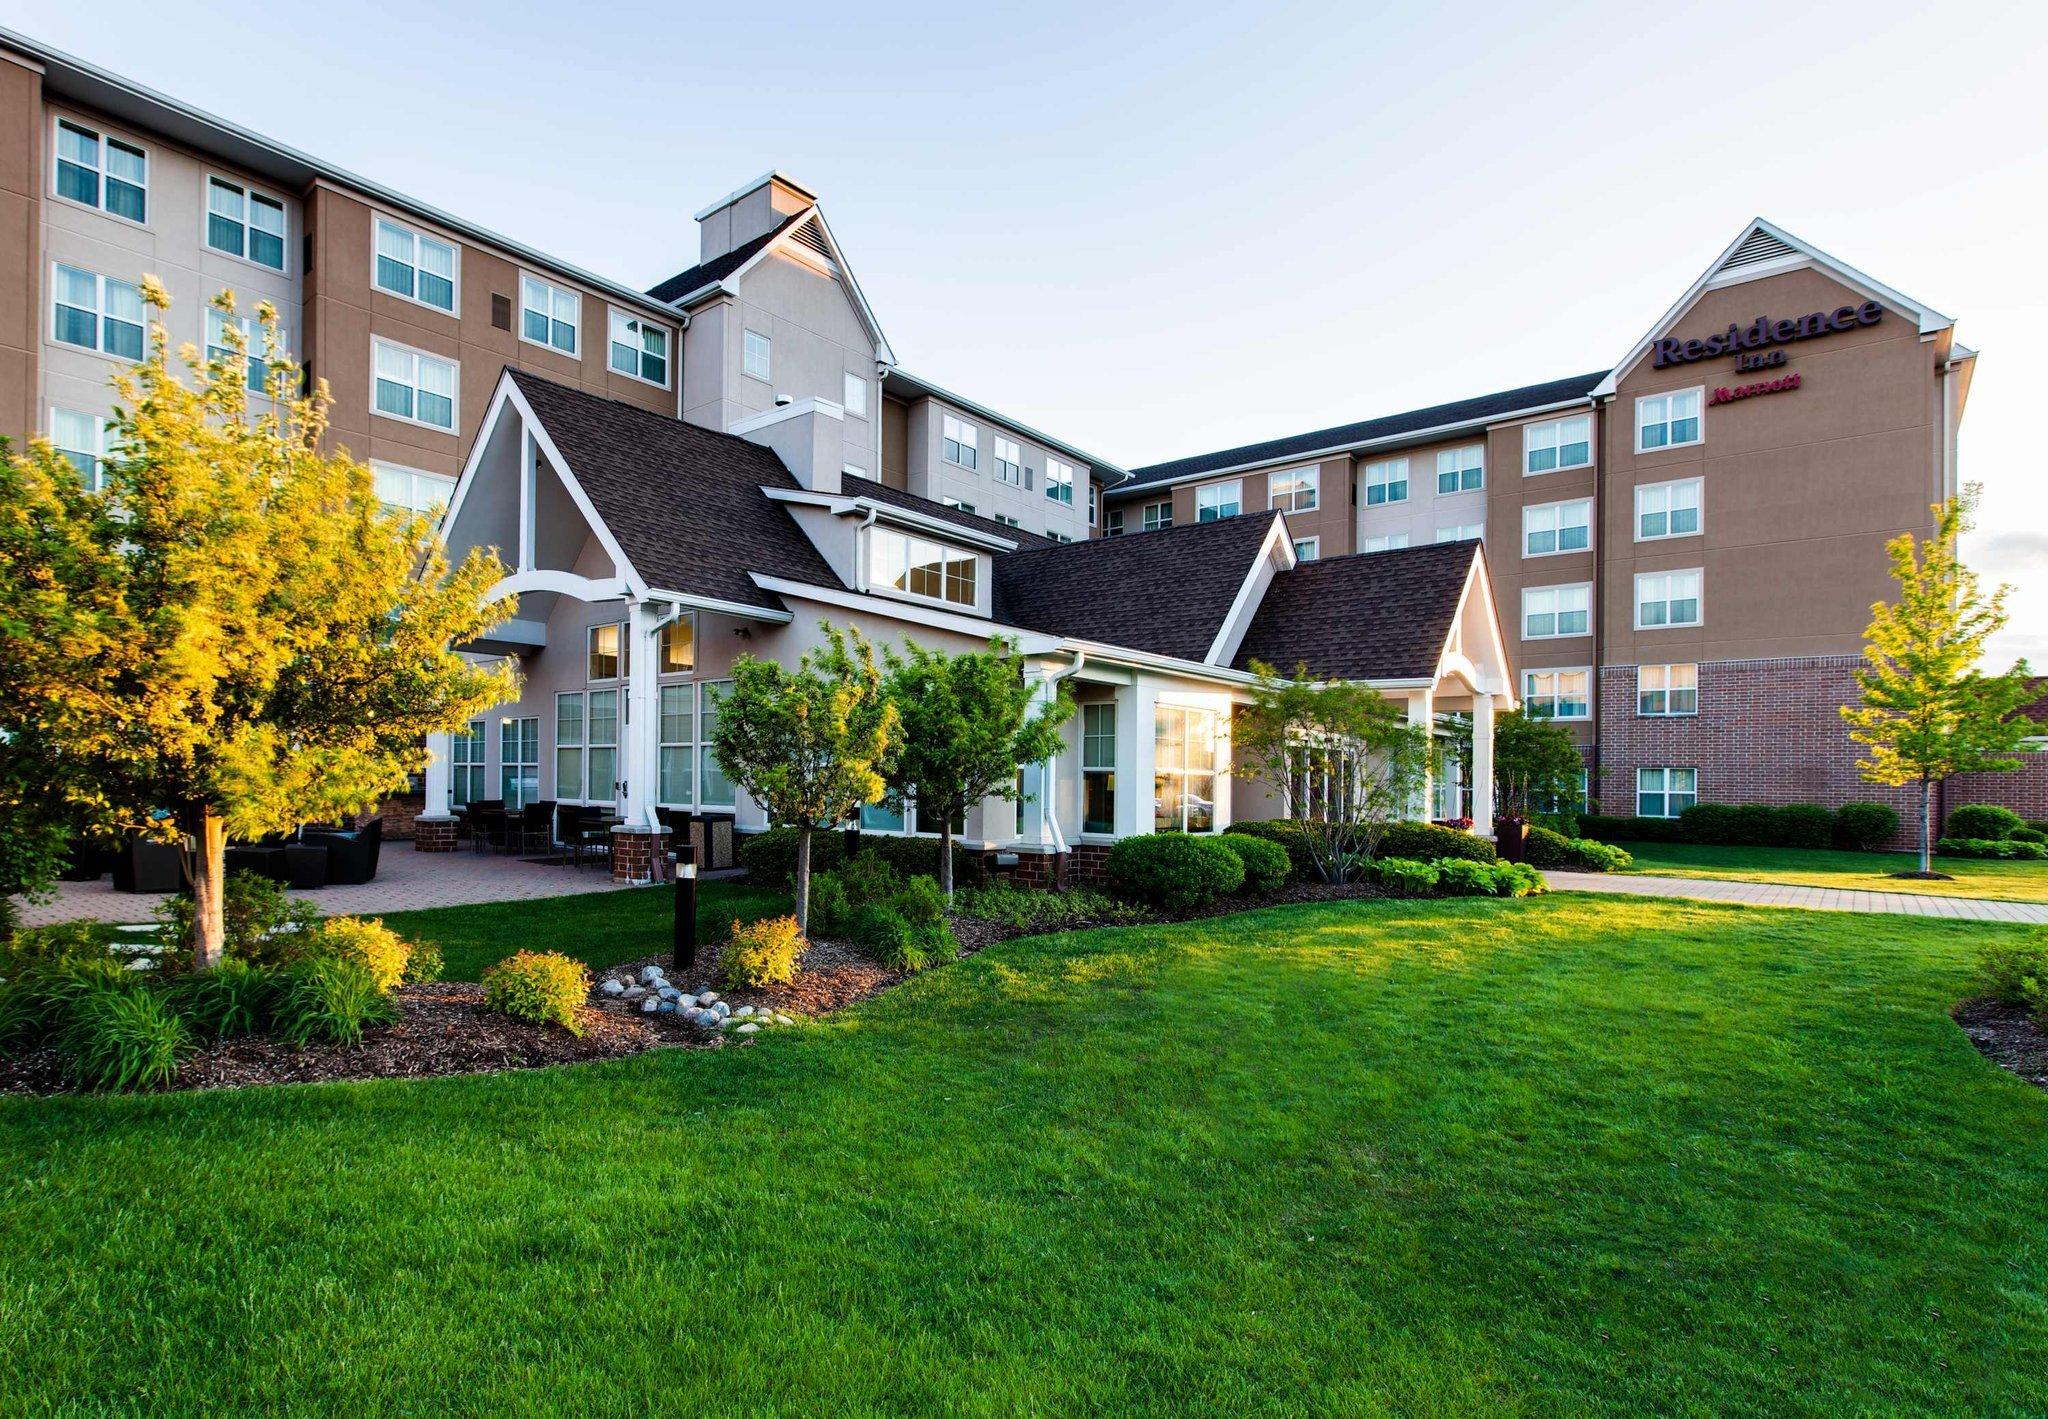 芝加哥米德韋住宿旅館